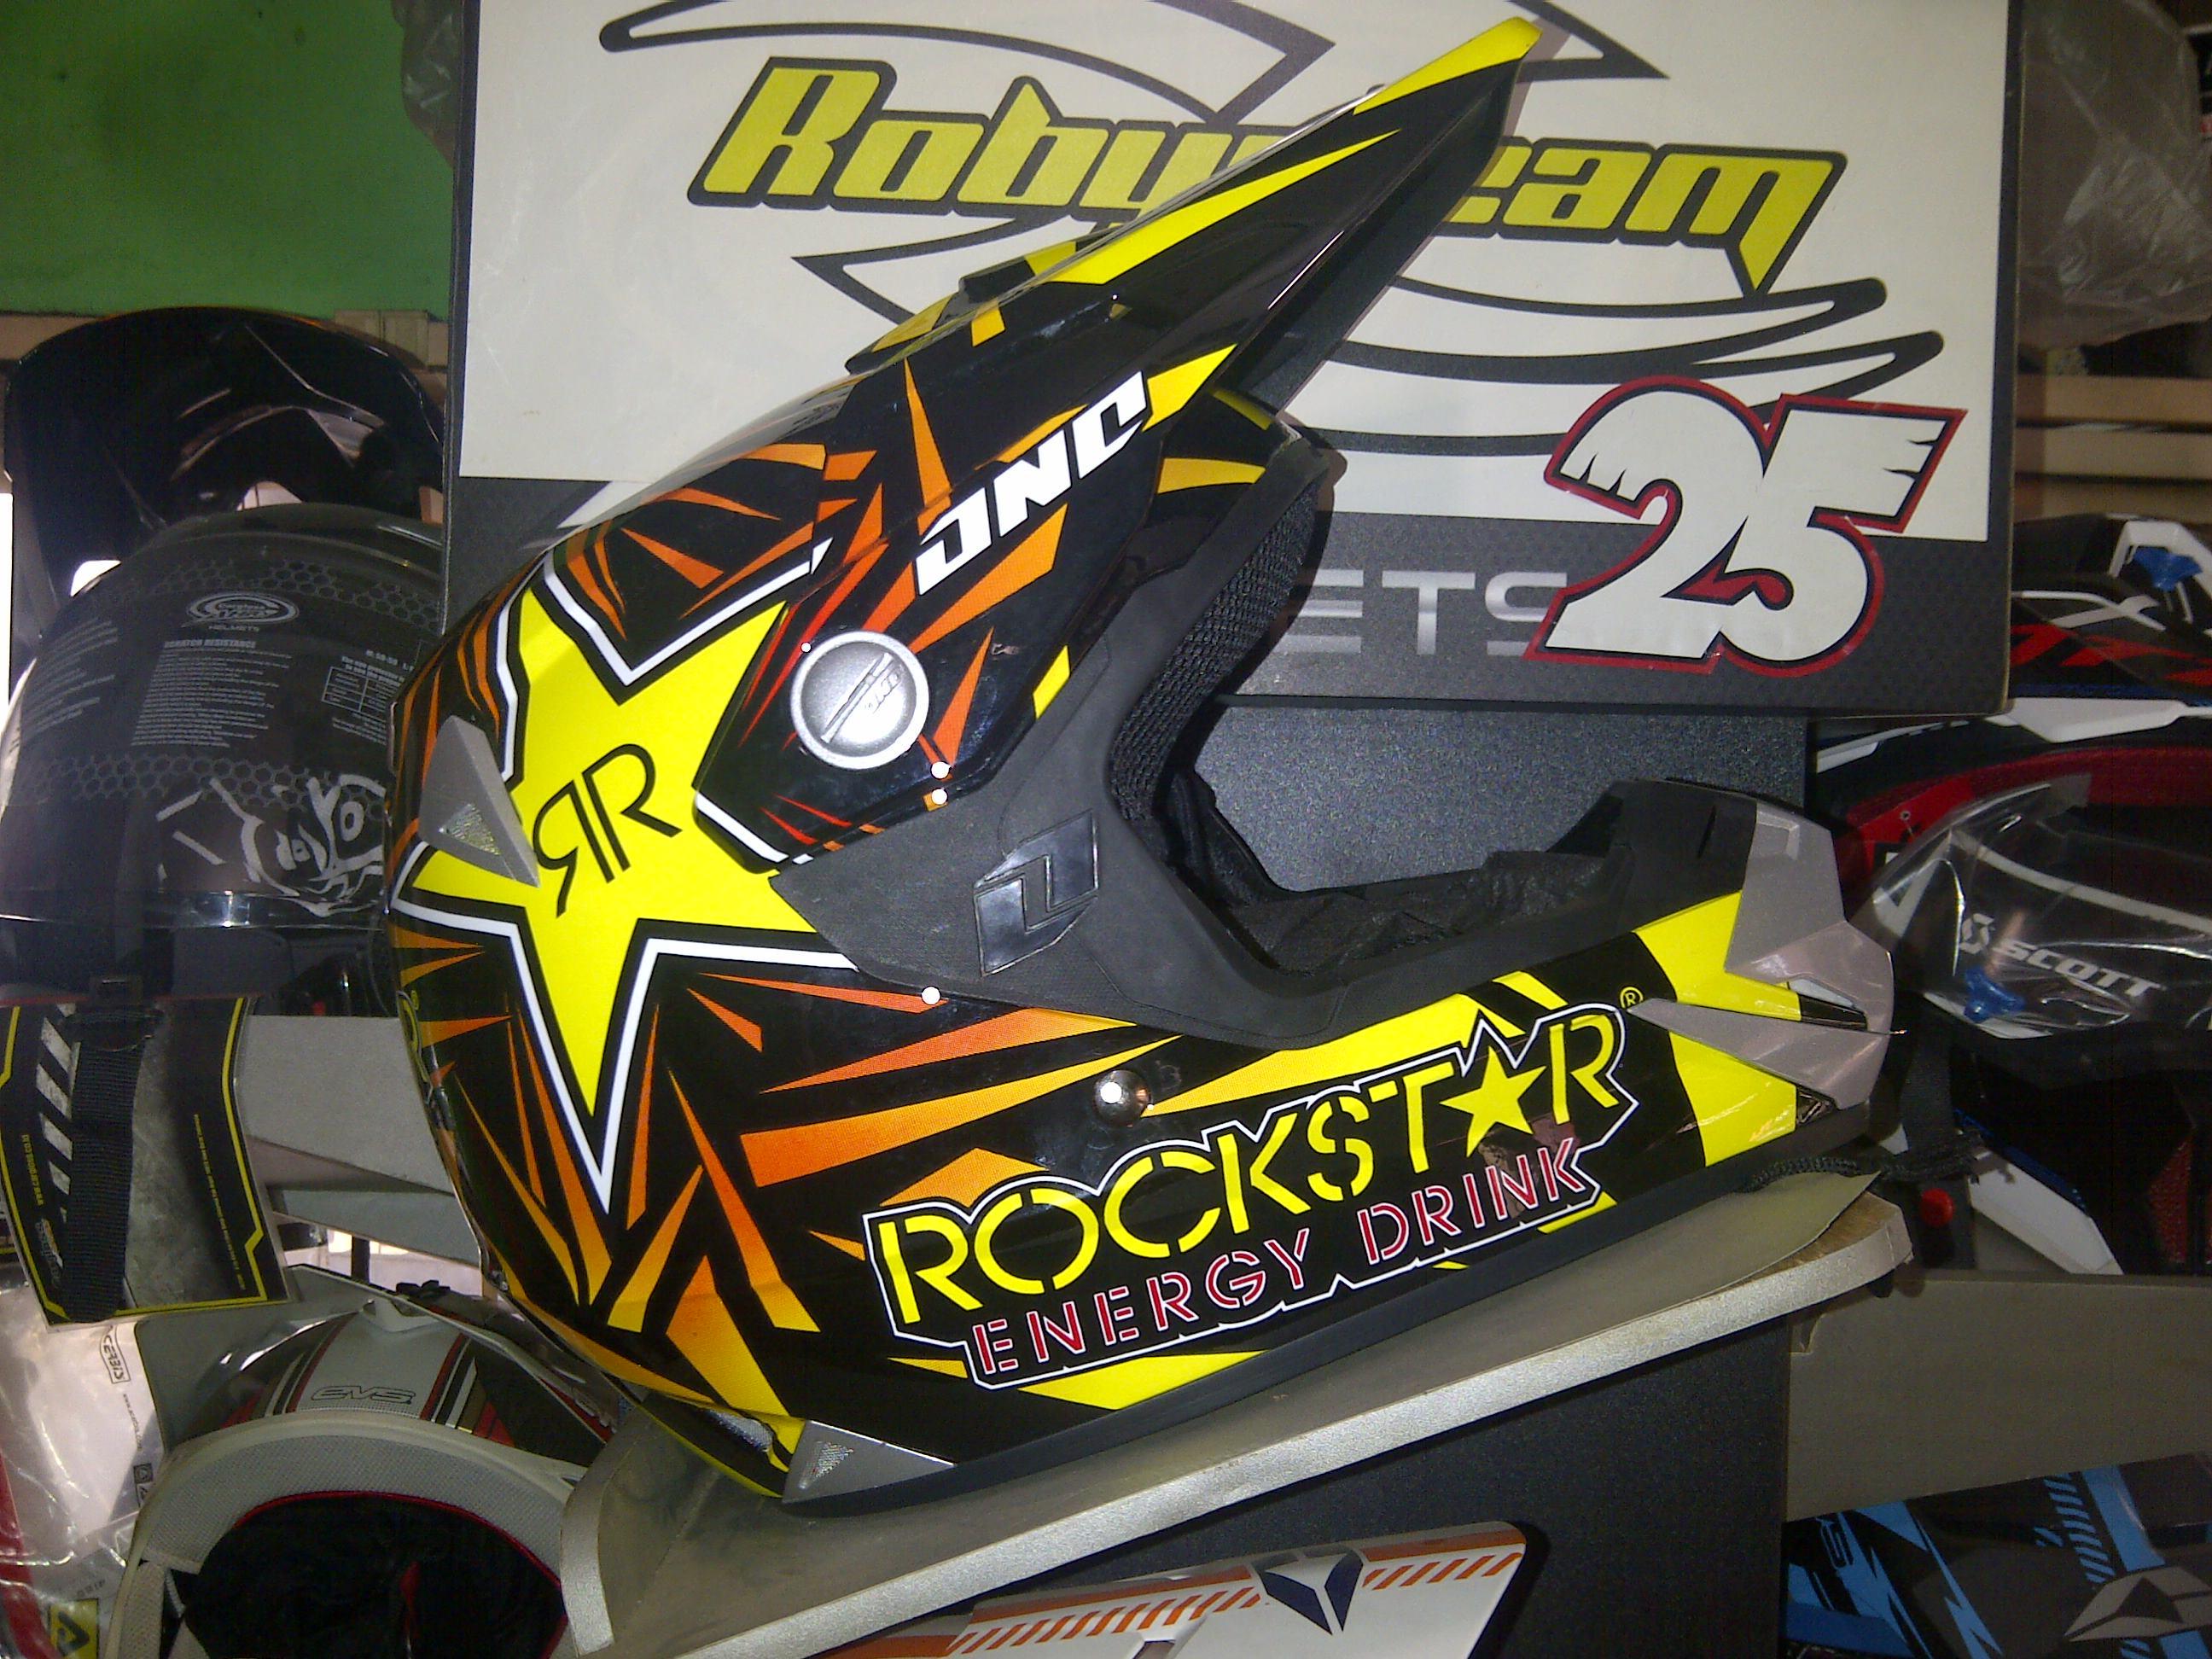 IMG 20140903 00164 helm rockstar merk one industries hrga 1,7 jt